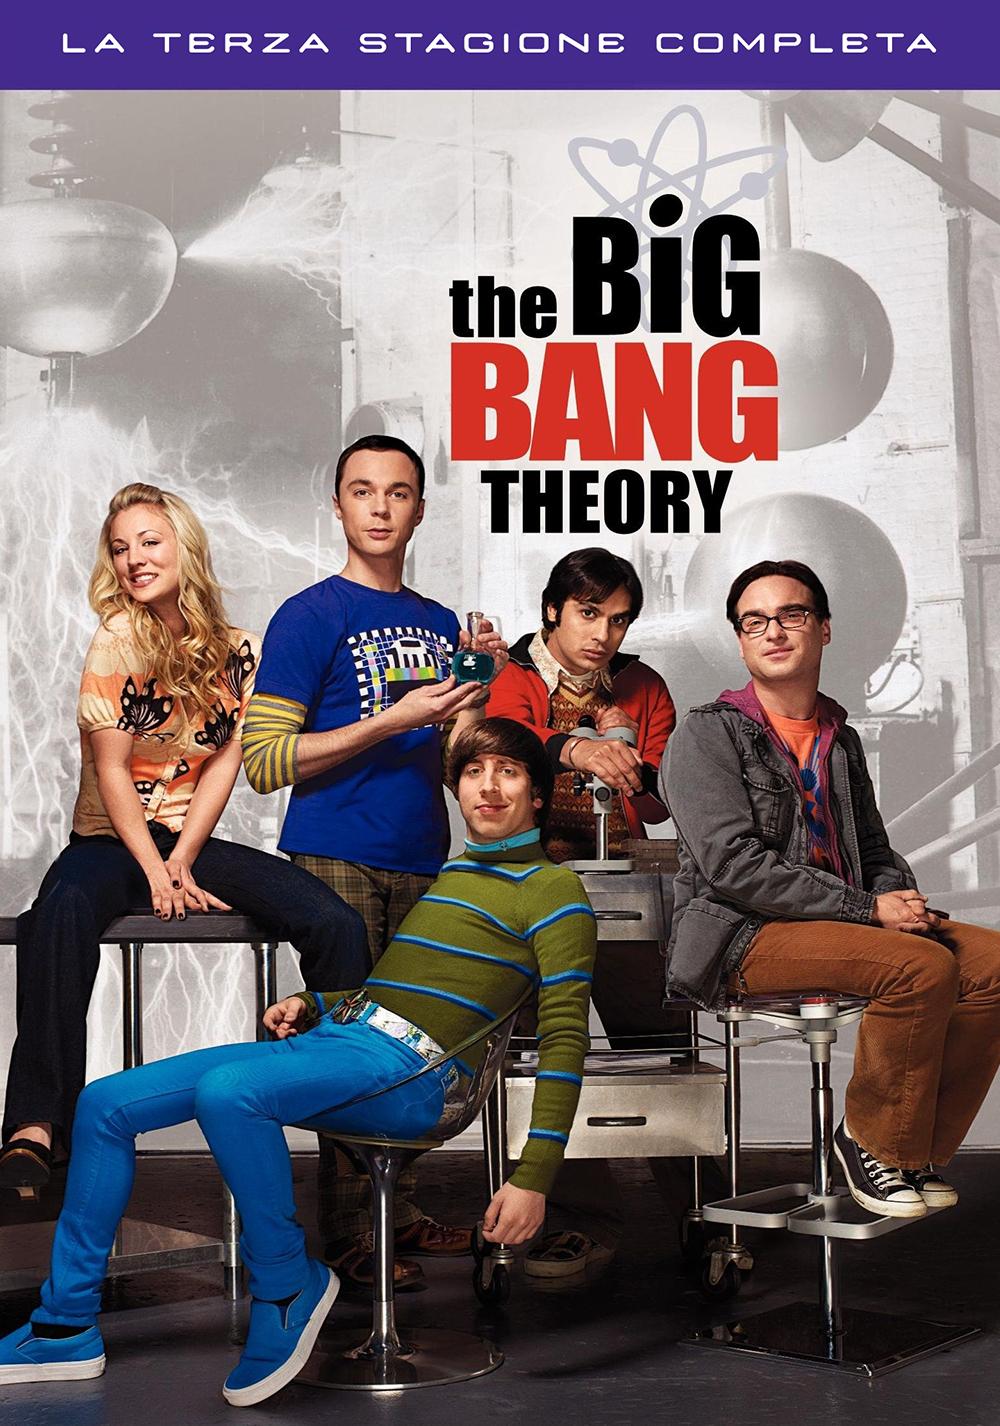 The Big Bang Theory Ger Sub